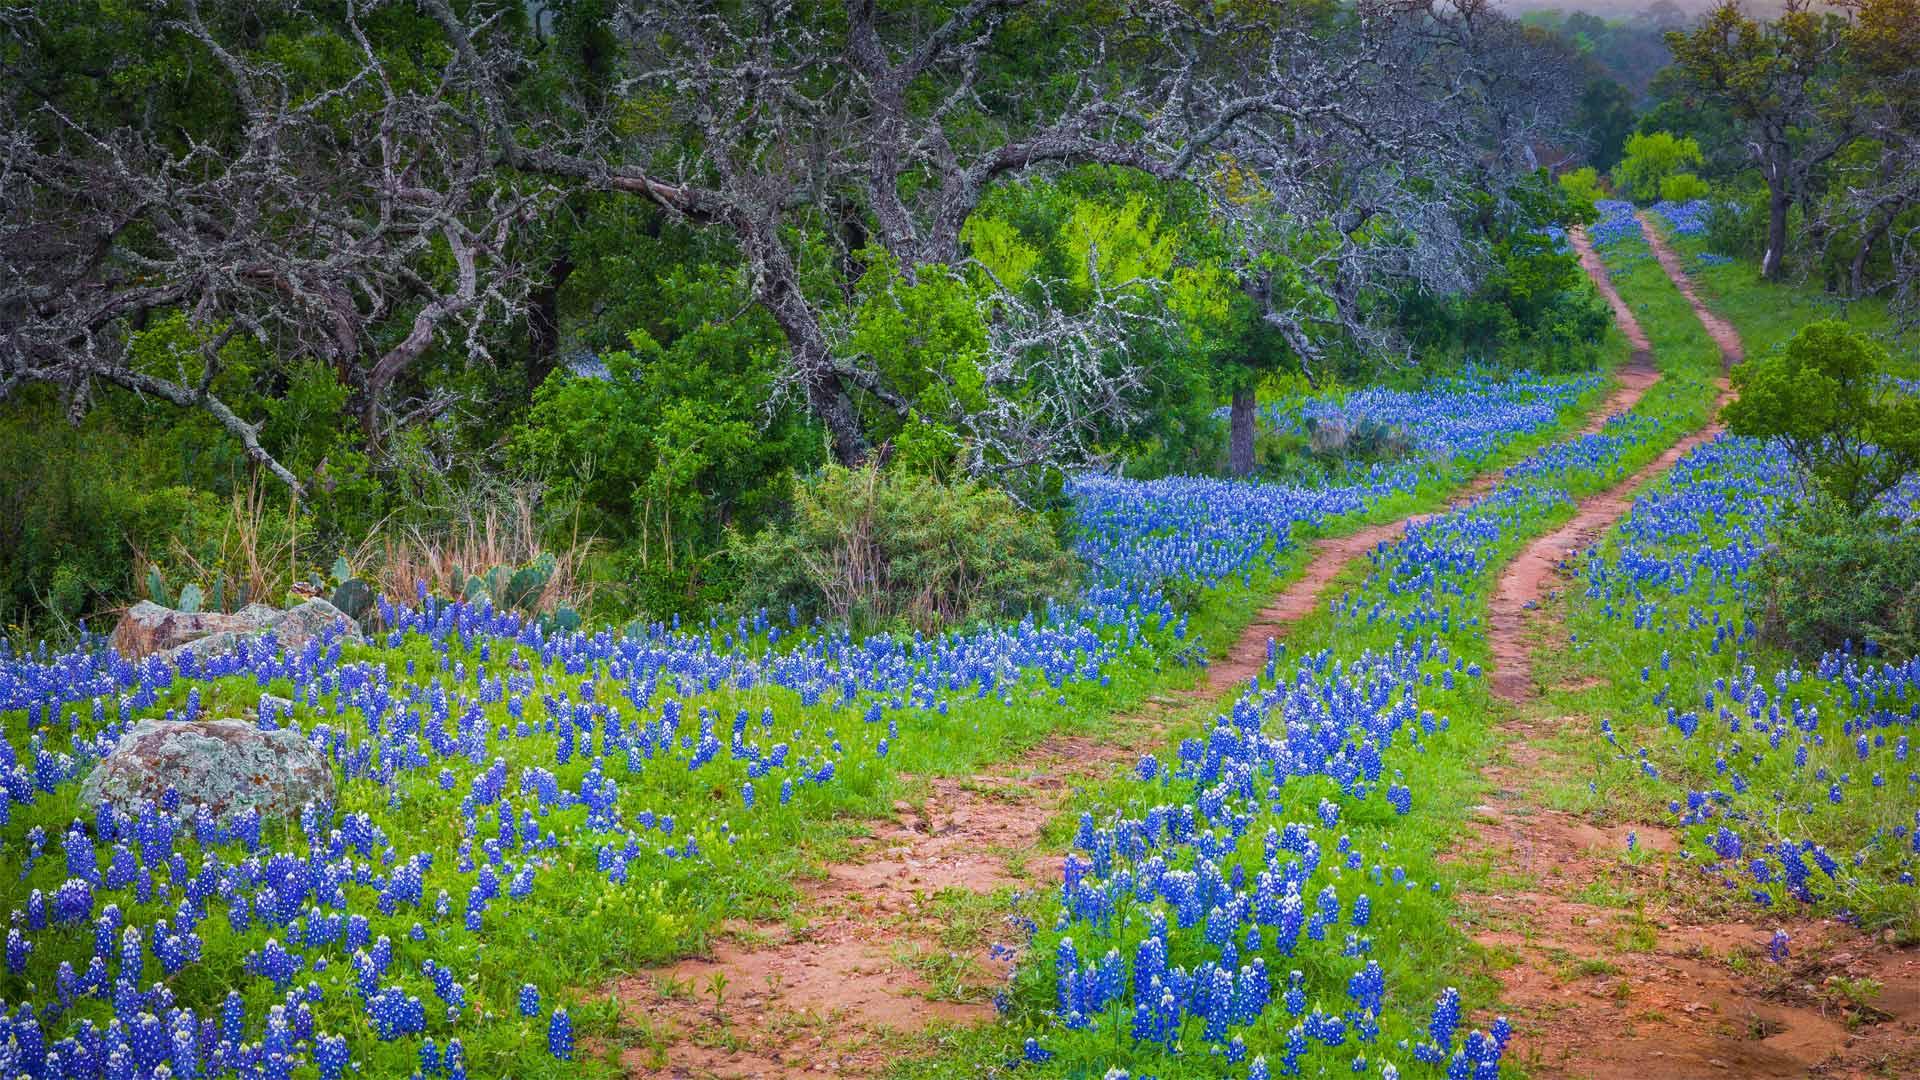 印克斯湖国家公园中的德克萨斯矢车菊,德克萨斯州